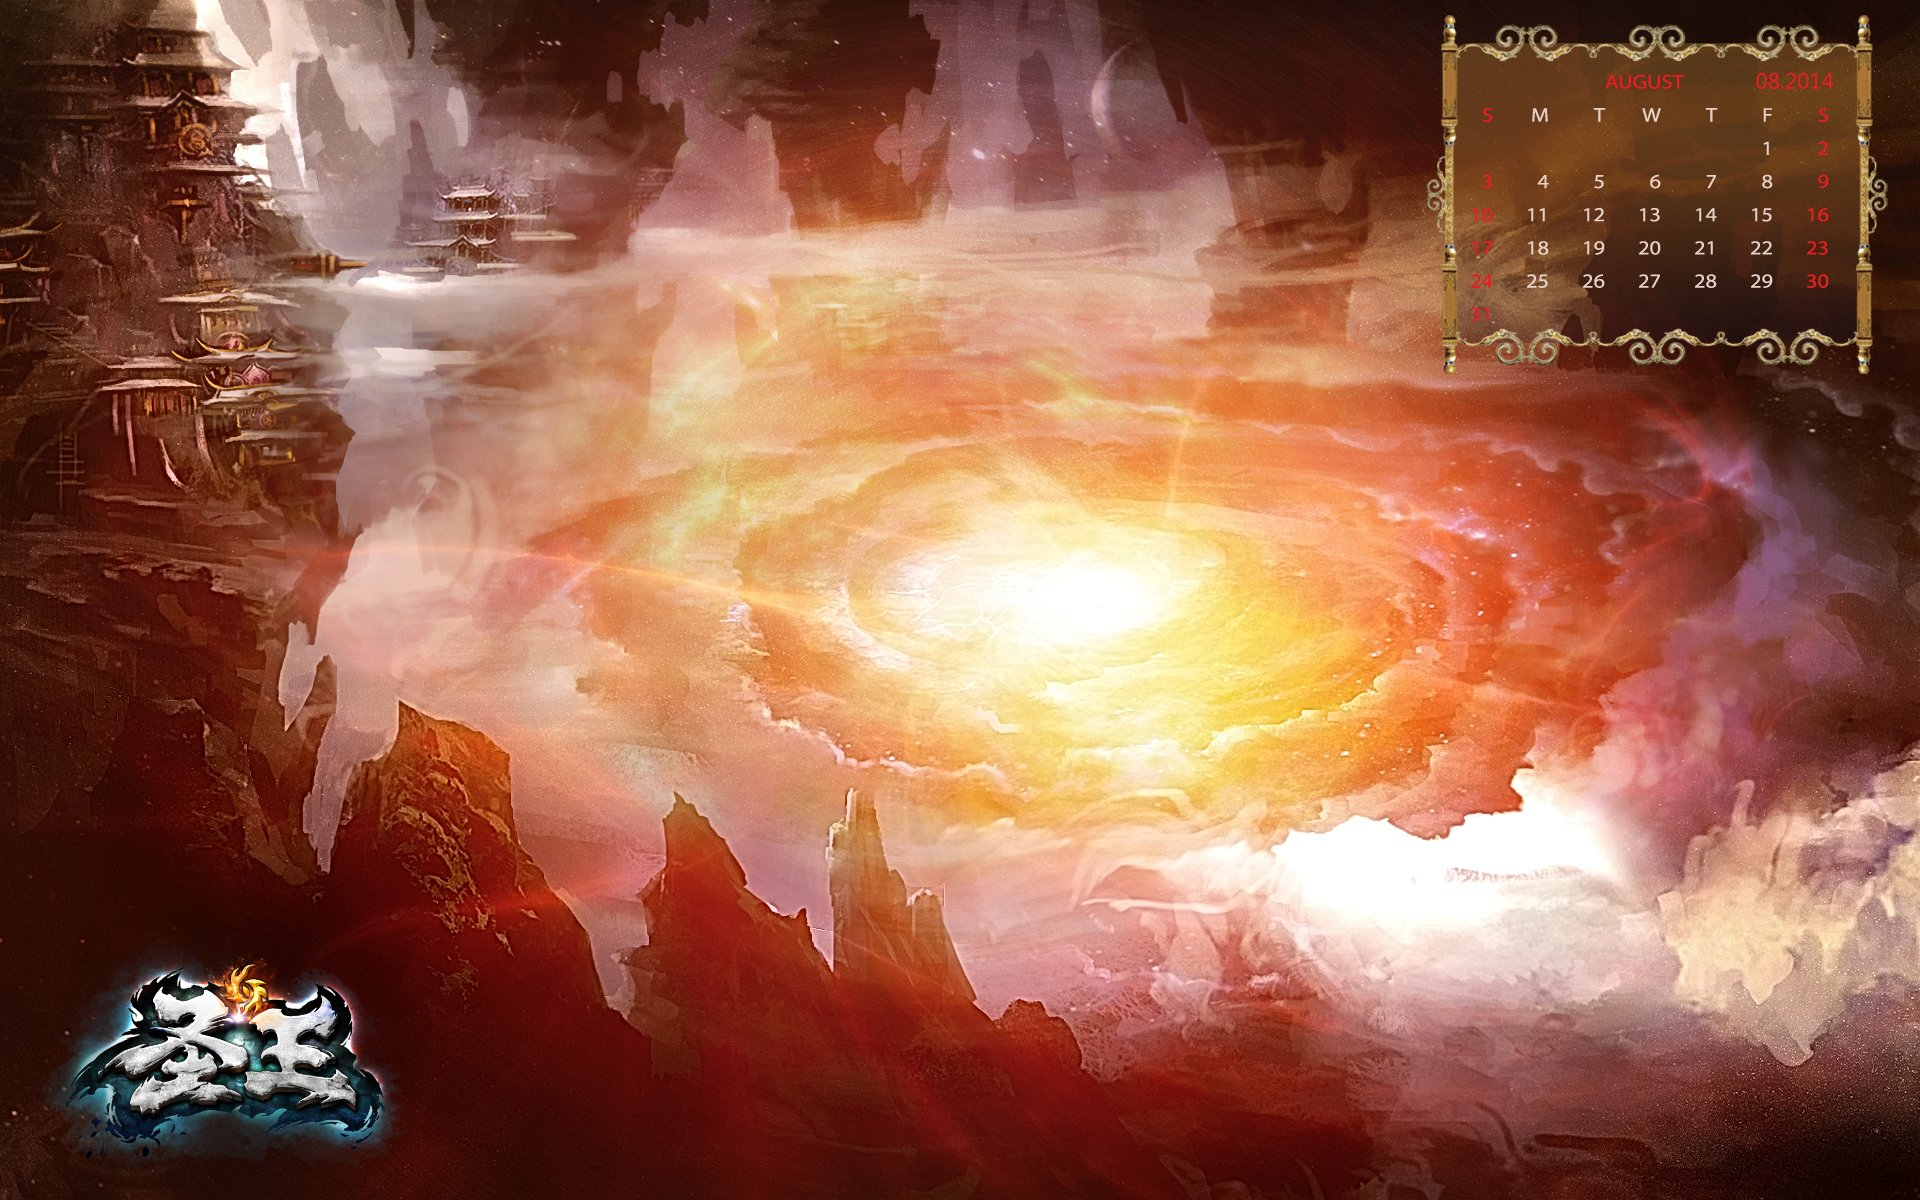 Hình nền lịch 2014 tuyệt đẹp của Thánh Vương - Ảnh 8